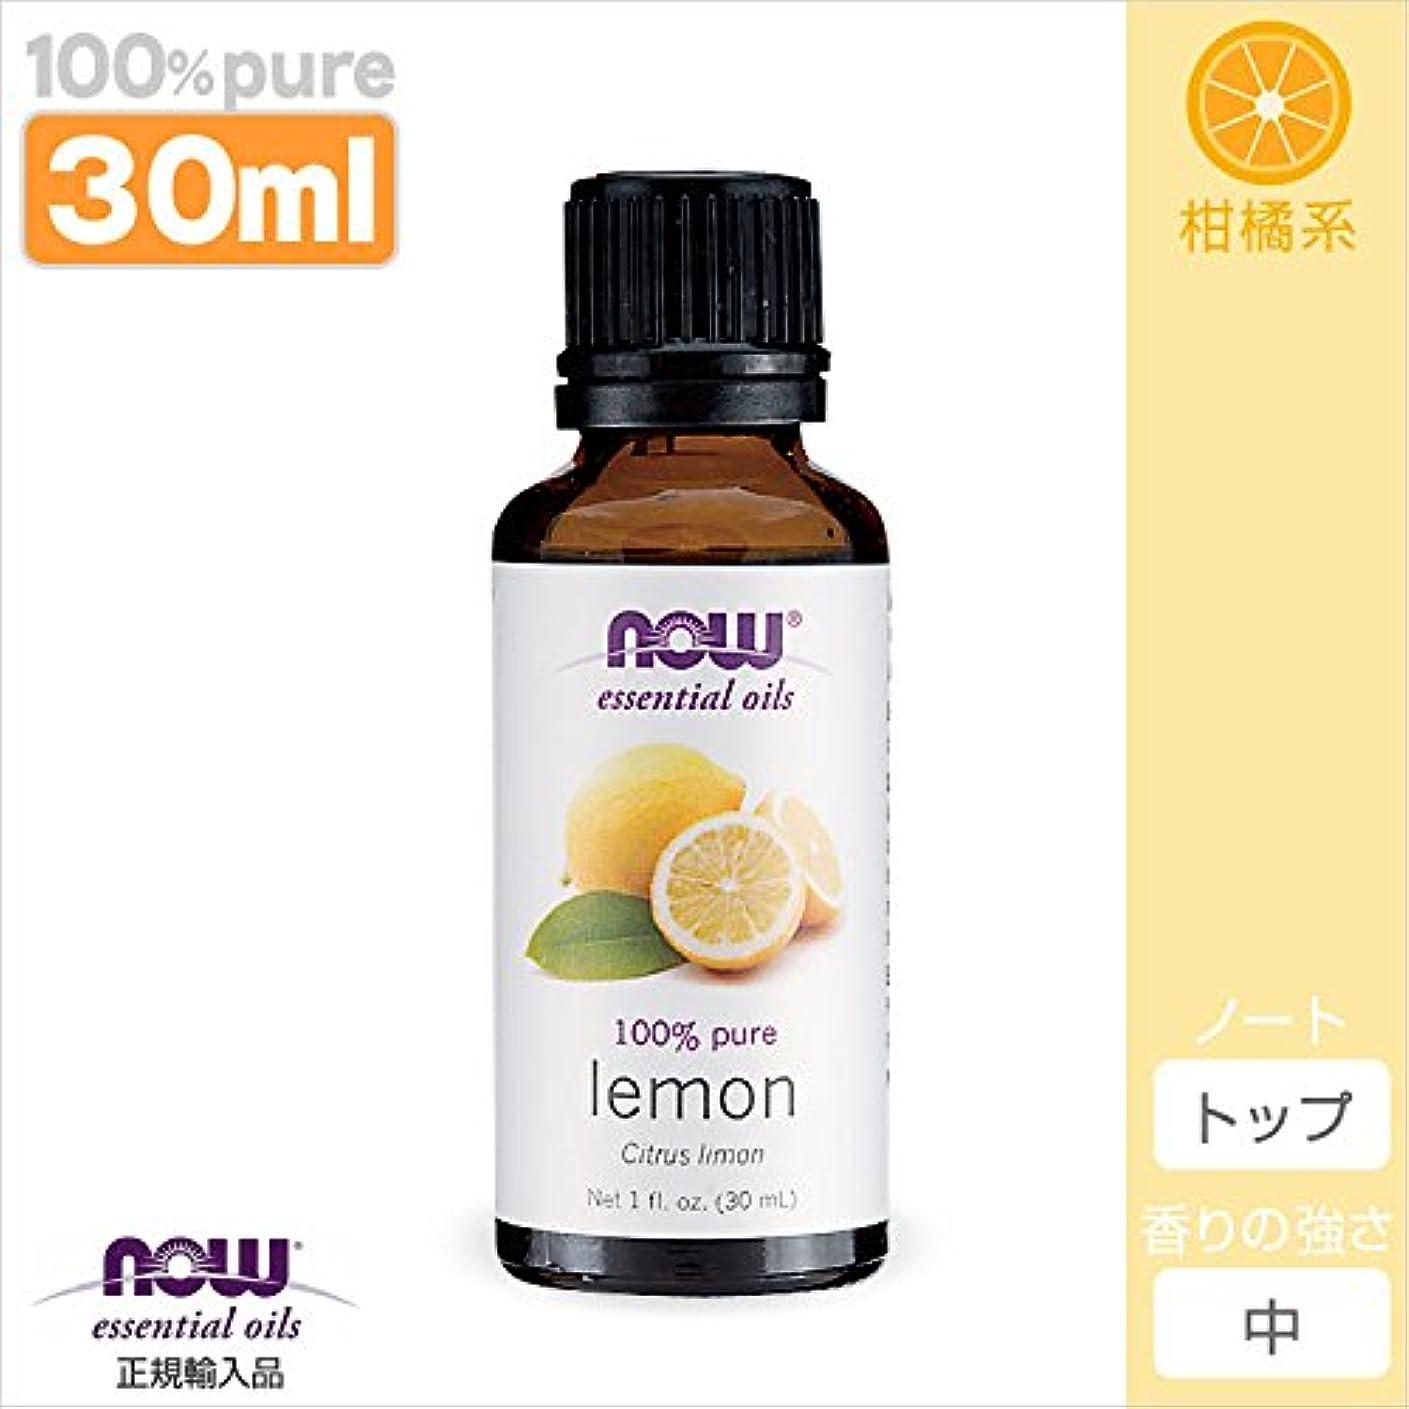 アーサーエキスカイウスレモン 精油[30ml] 【正規輸入品】 NOWエッセンシャルオイル(アロマオイル)